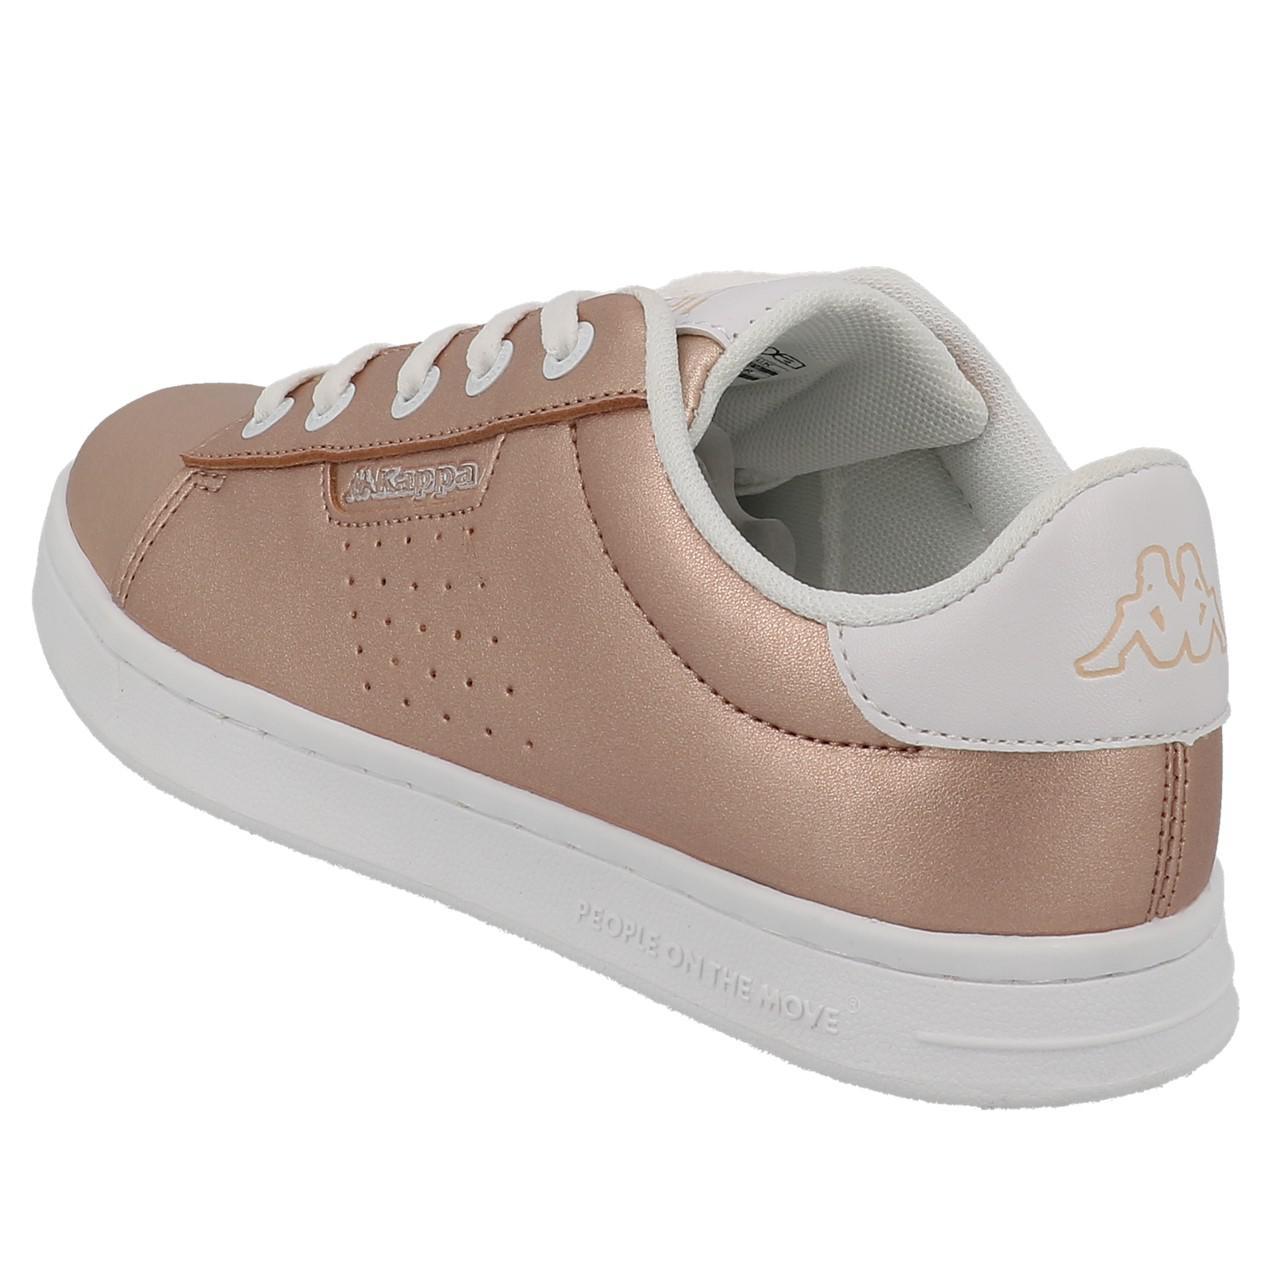 Schuhe-Niedrig-Leder-oder-Faux-Kappa-Tchouri-Schnuersenkel-Rauch-Beige-49612 Indexbild 3